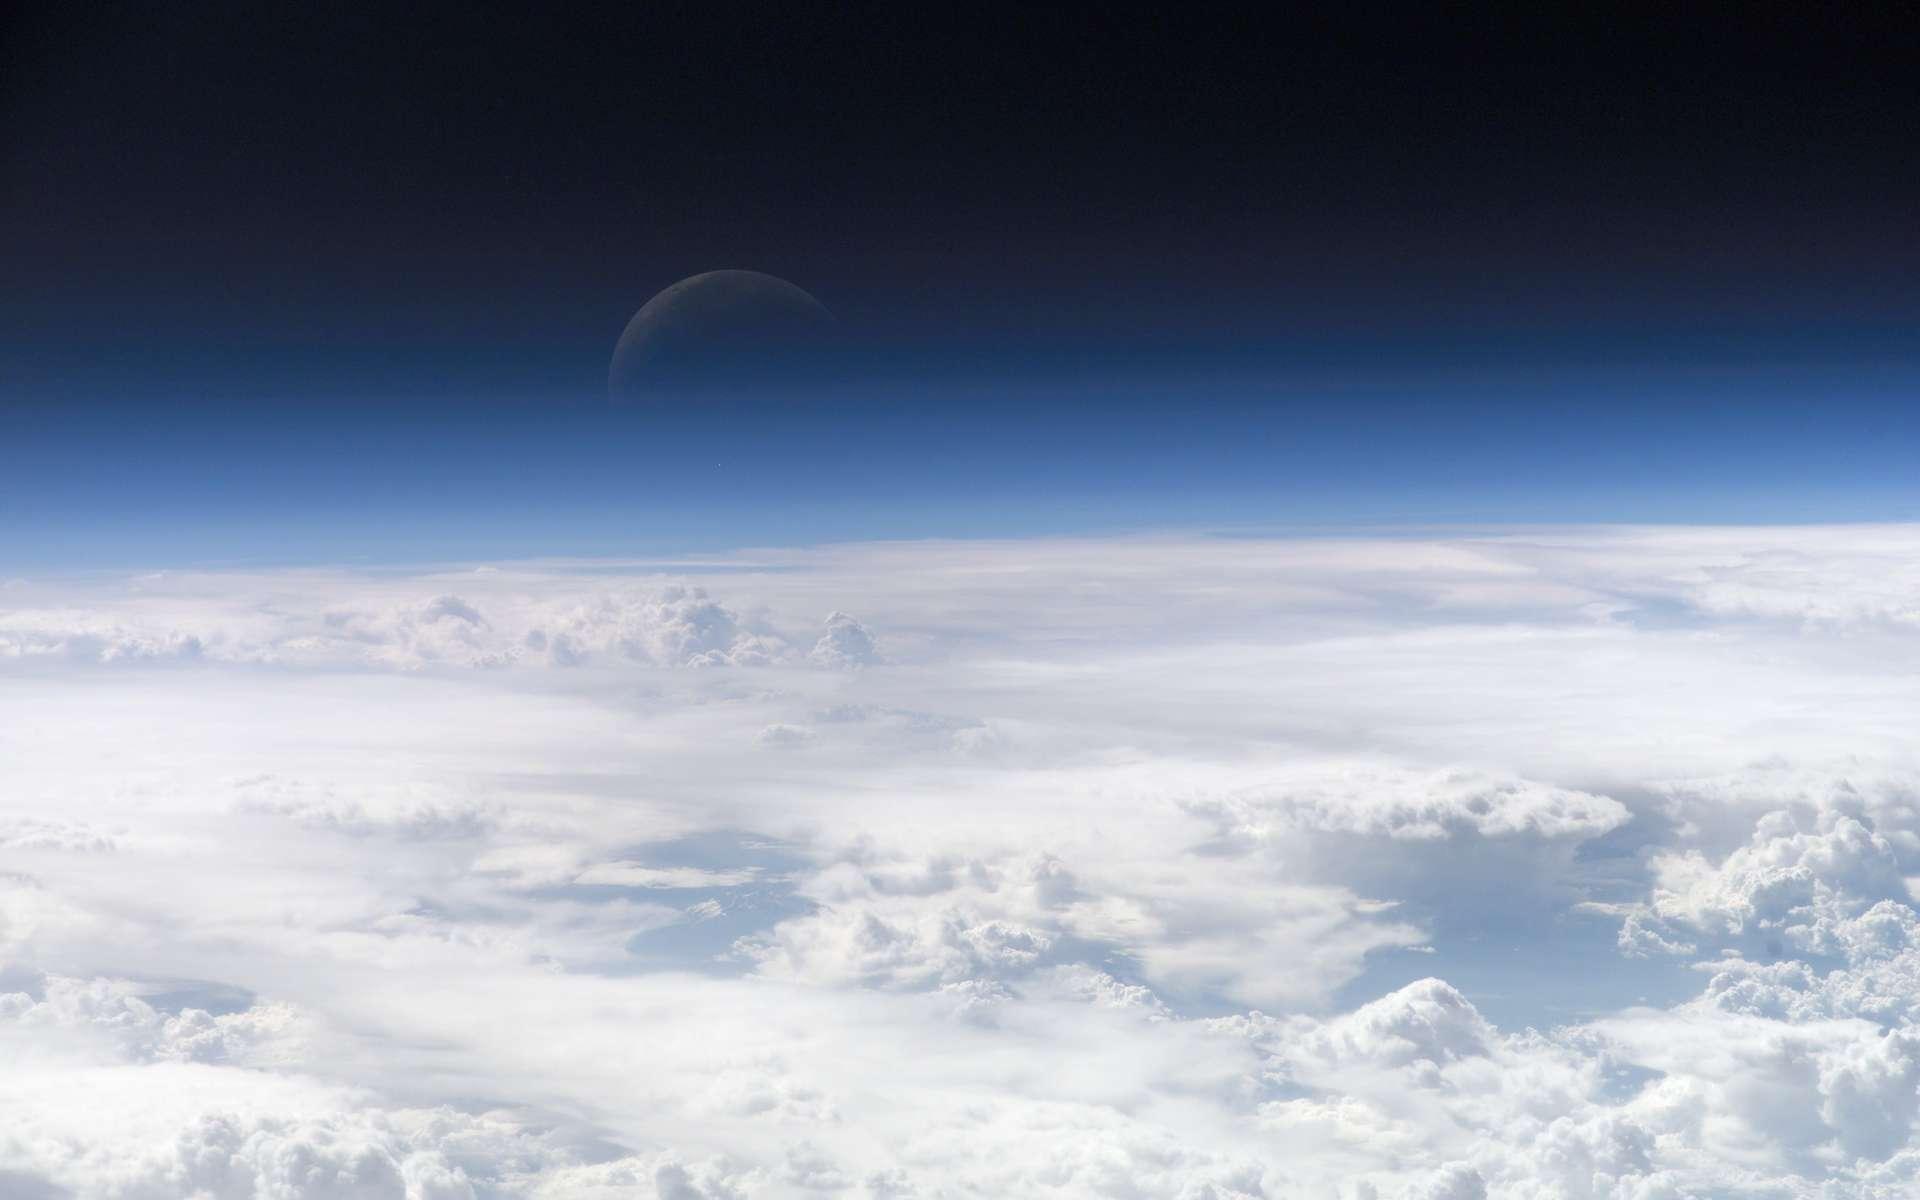 Chaque année, des centaines de millions de tonnes de poussière s'élèvent des déserts d'Afrique et sont soufflées à travers l'océan Atlantique. Selon des chercheurs de l'université de Californie à Los Angeles (États-Unis), les quantités de ces poussières qui demeurent dans notre atmosphère et jouent sur notre climat sont bien plus importantes qu'on le pensait. © Nasa